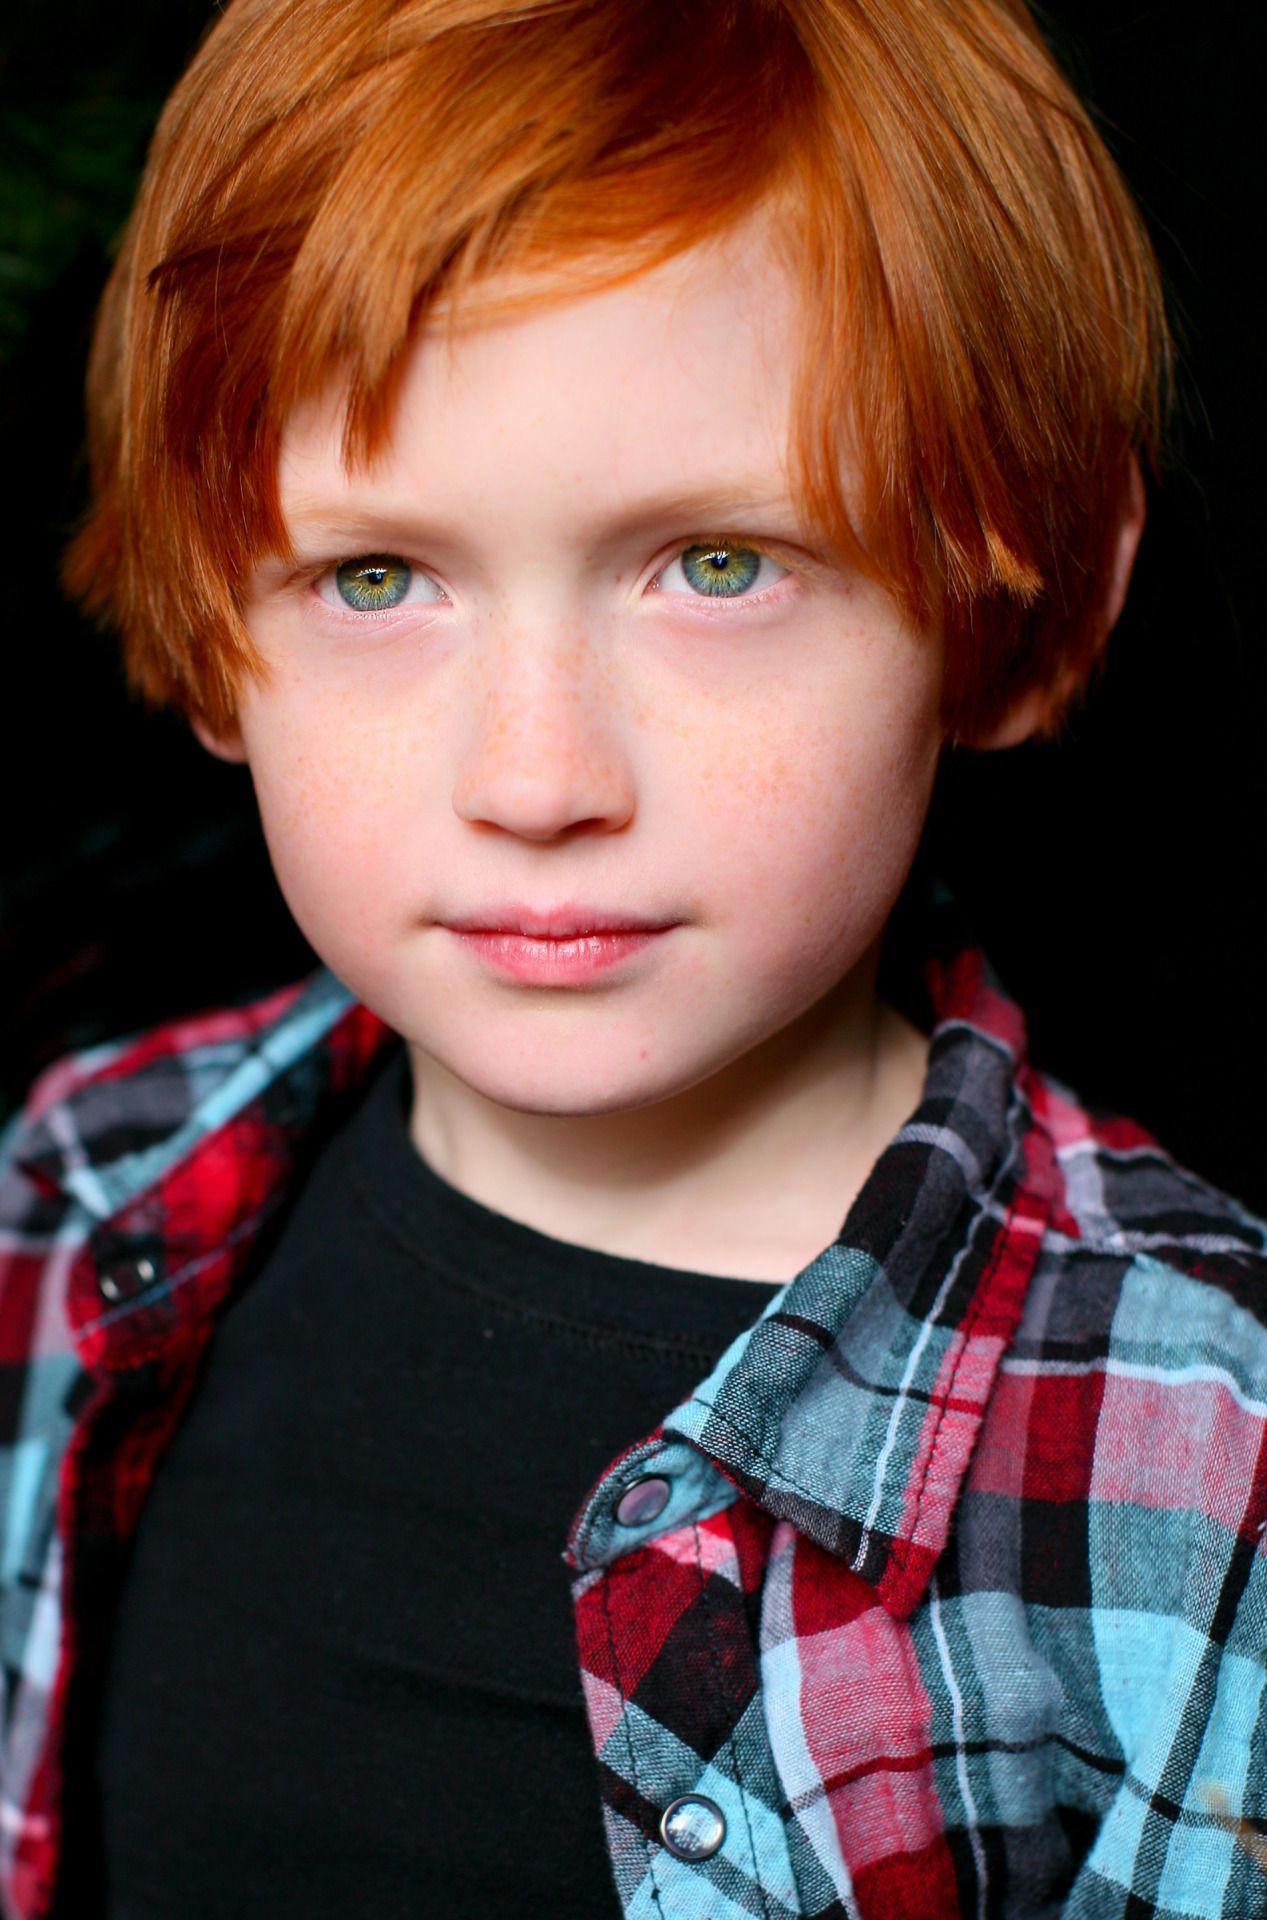 Red hair & green eyes